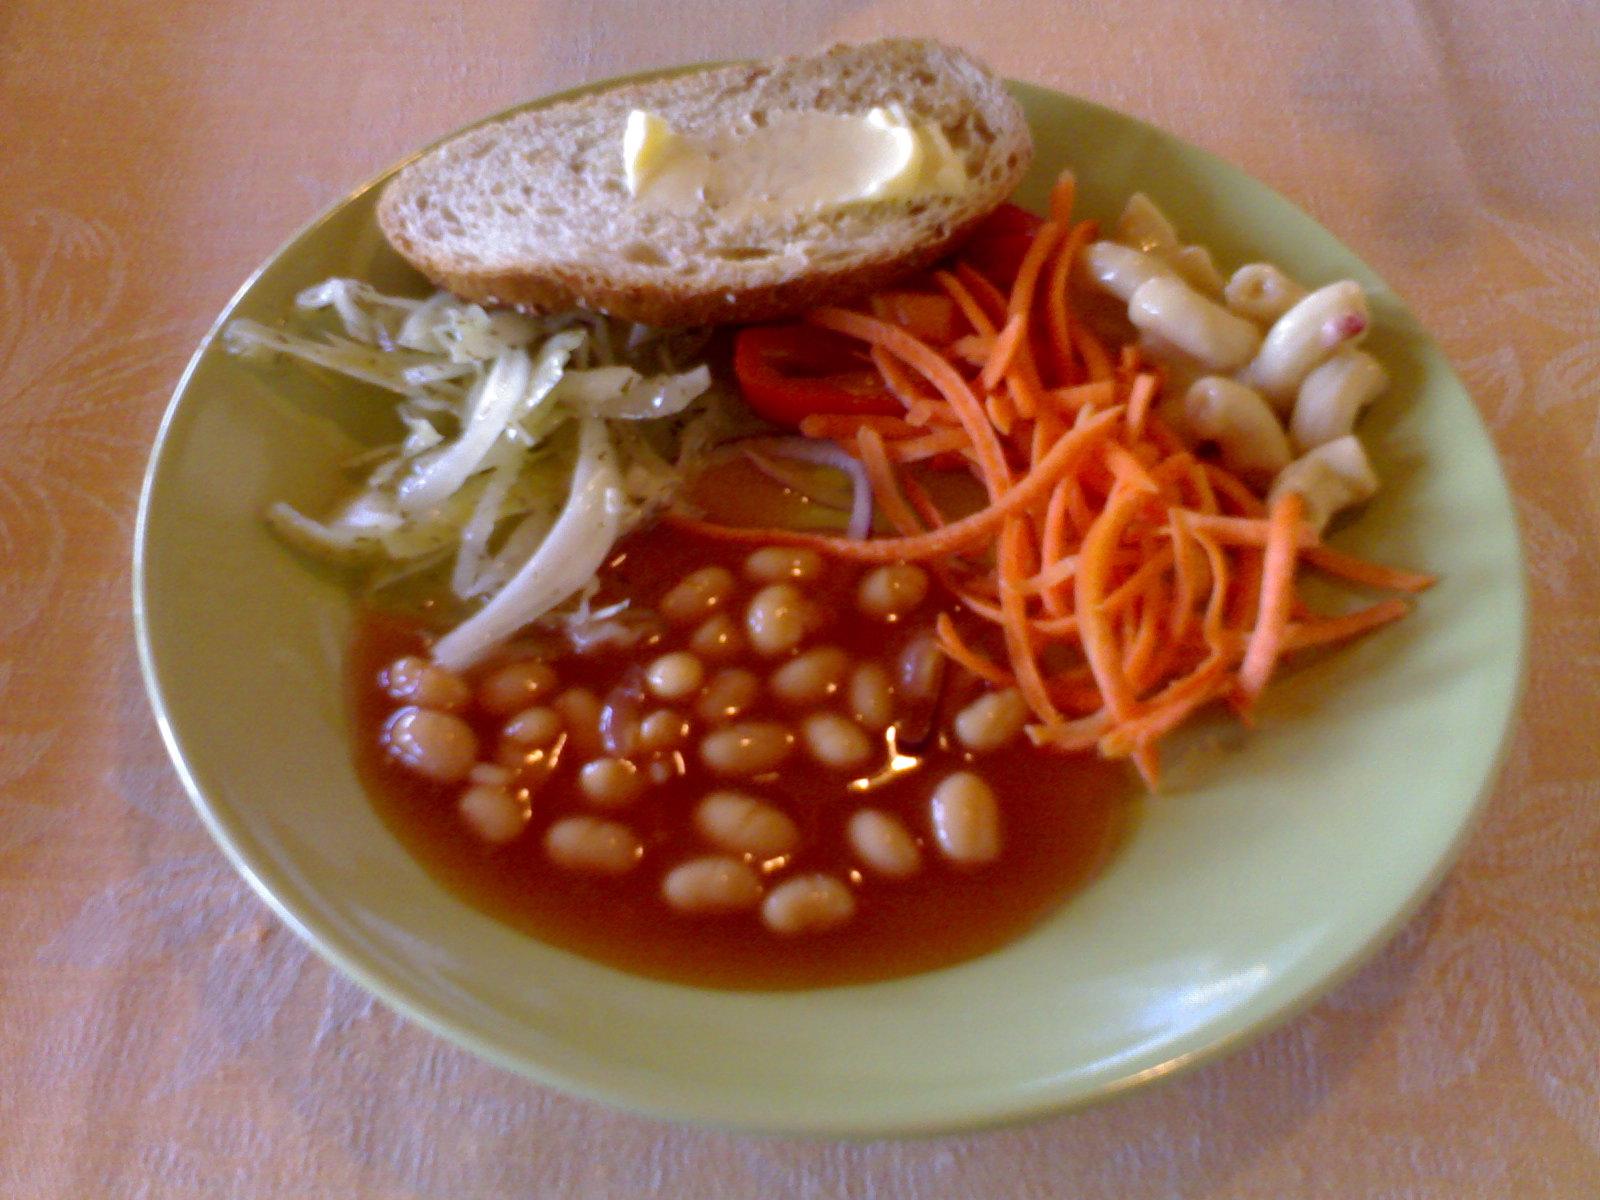 Bistro Cafe Viikki, Helsinki: salaattipöydän antimia